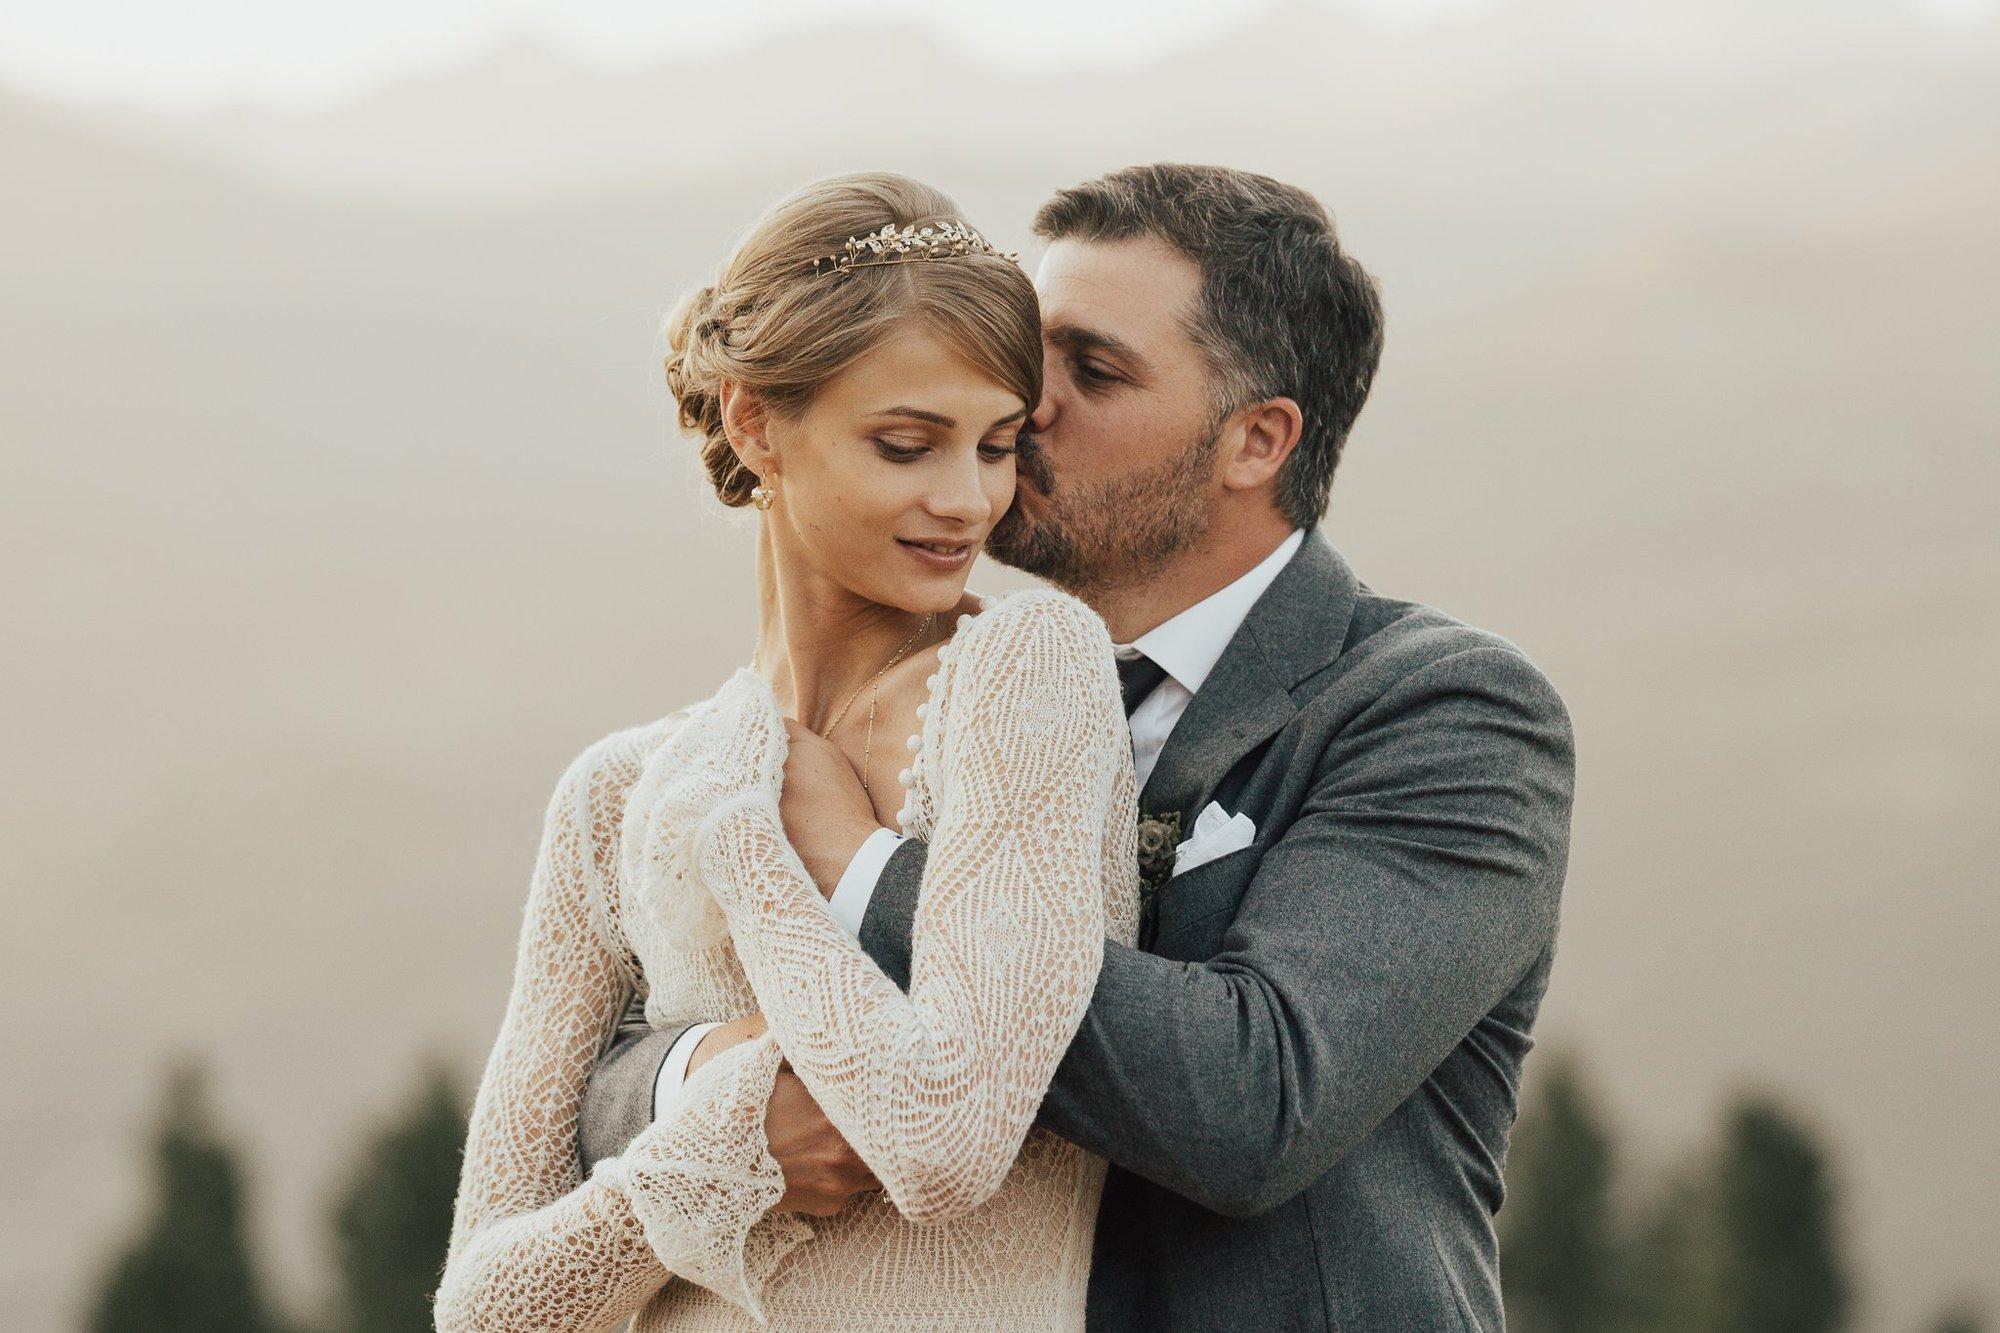 Colorado mountain Wedding Photographer, Vail, Colorado, 10th Mile Station, Justyna E Butler Photography